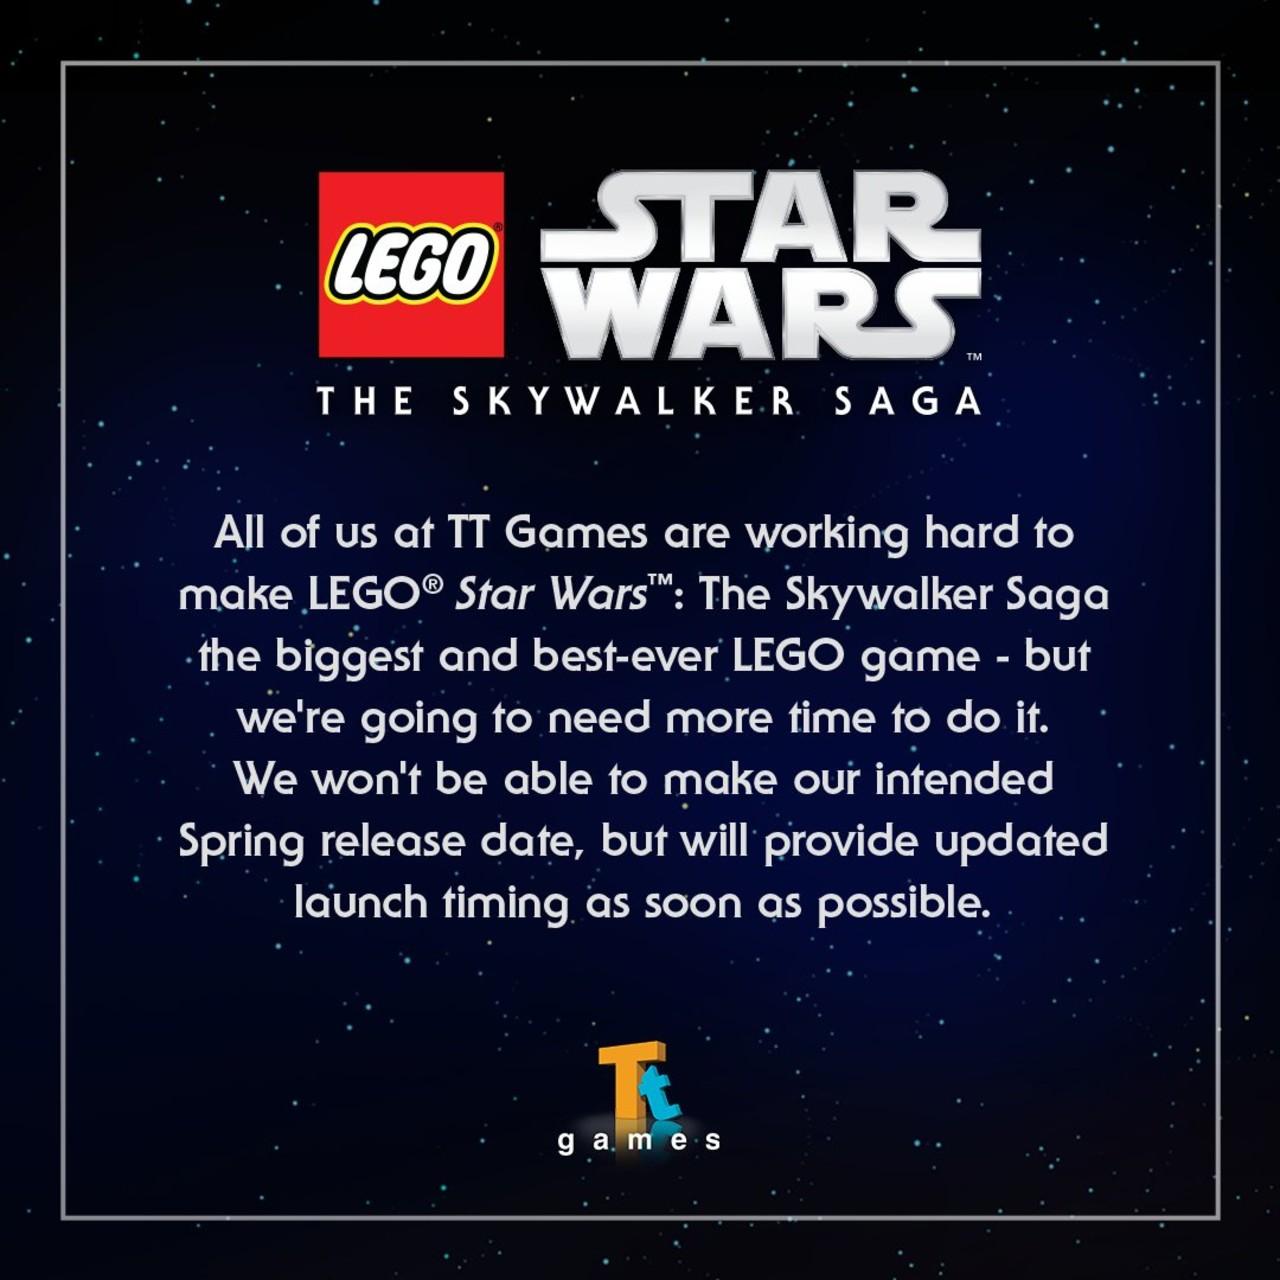 LEGO Star Wars The Skaywalker Saga retraso fecha lanzamiento